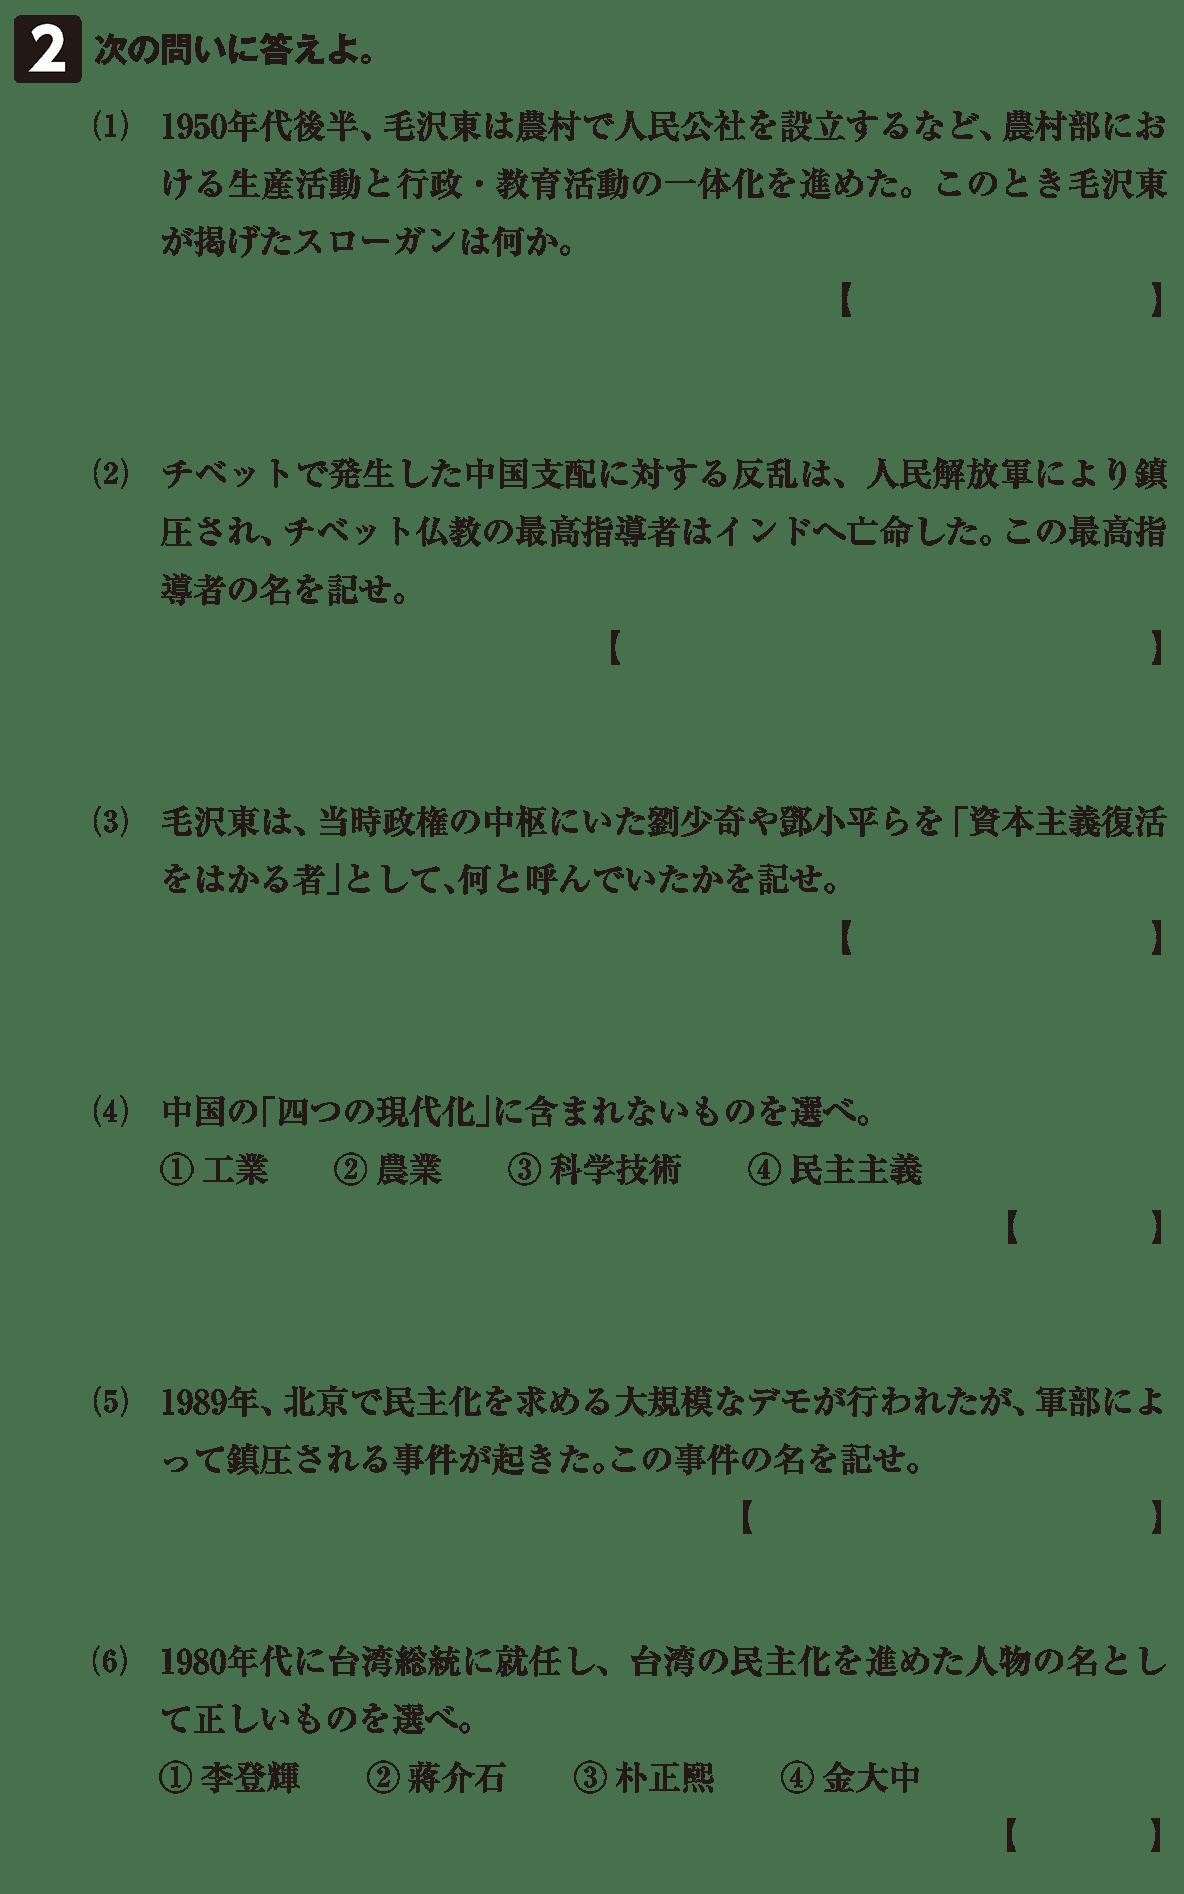 自立を強める東アジア5 確認テスト(後半)